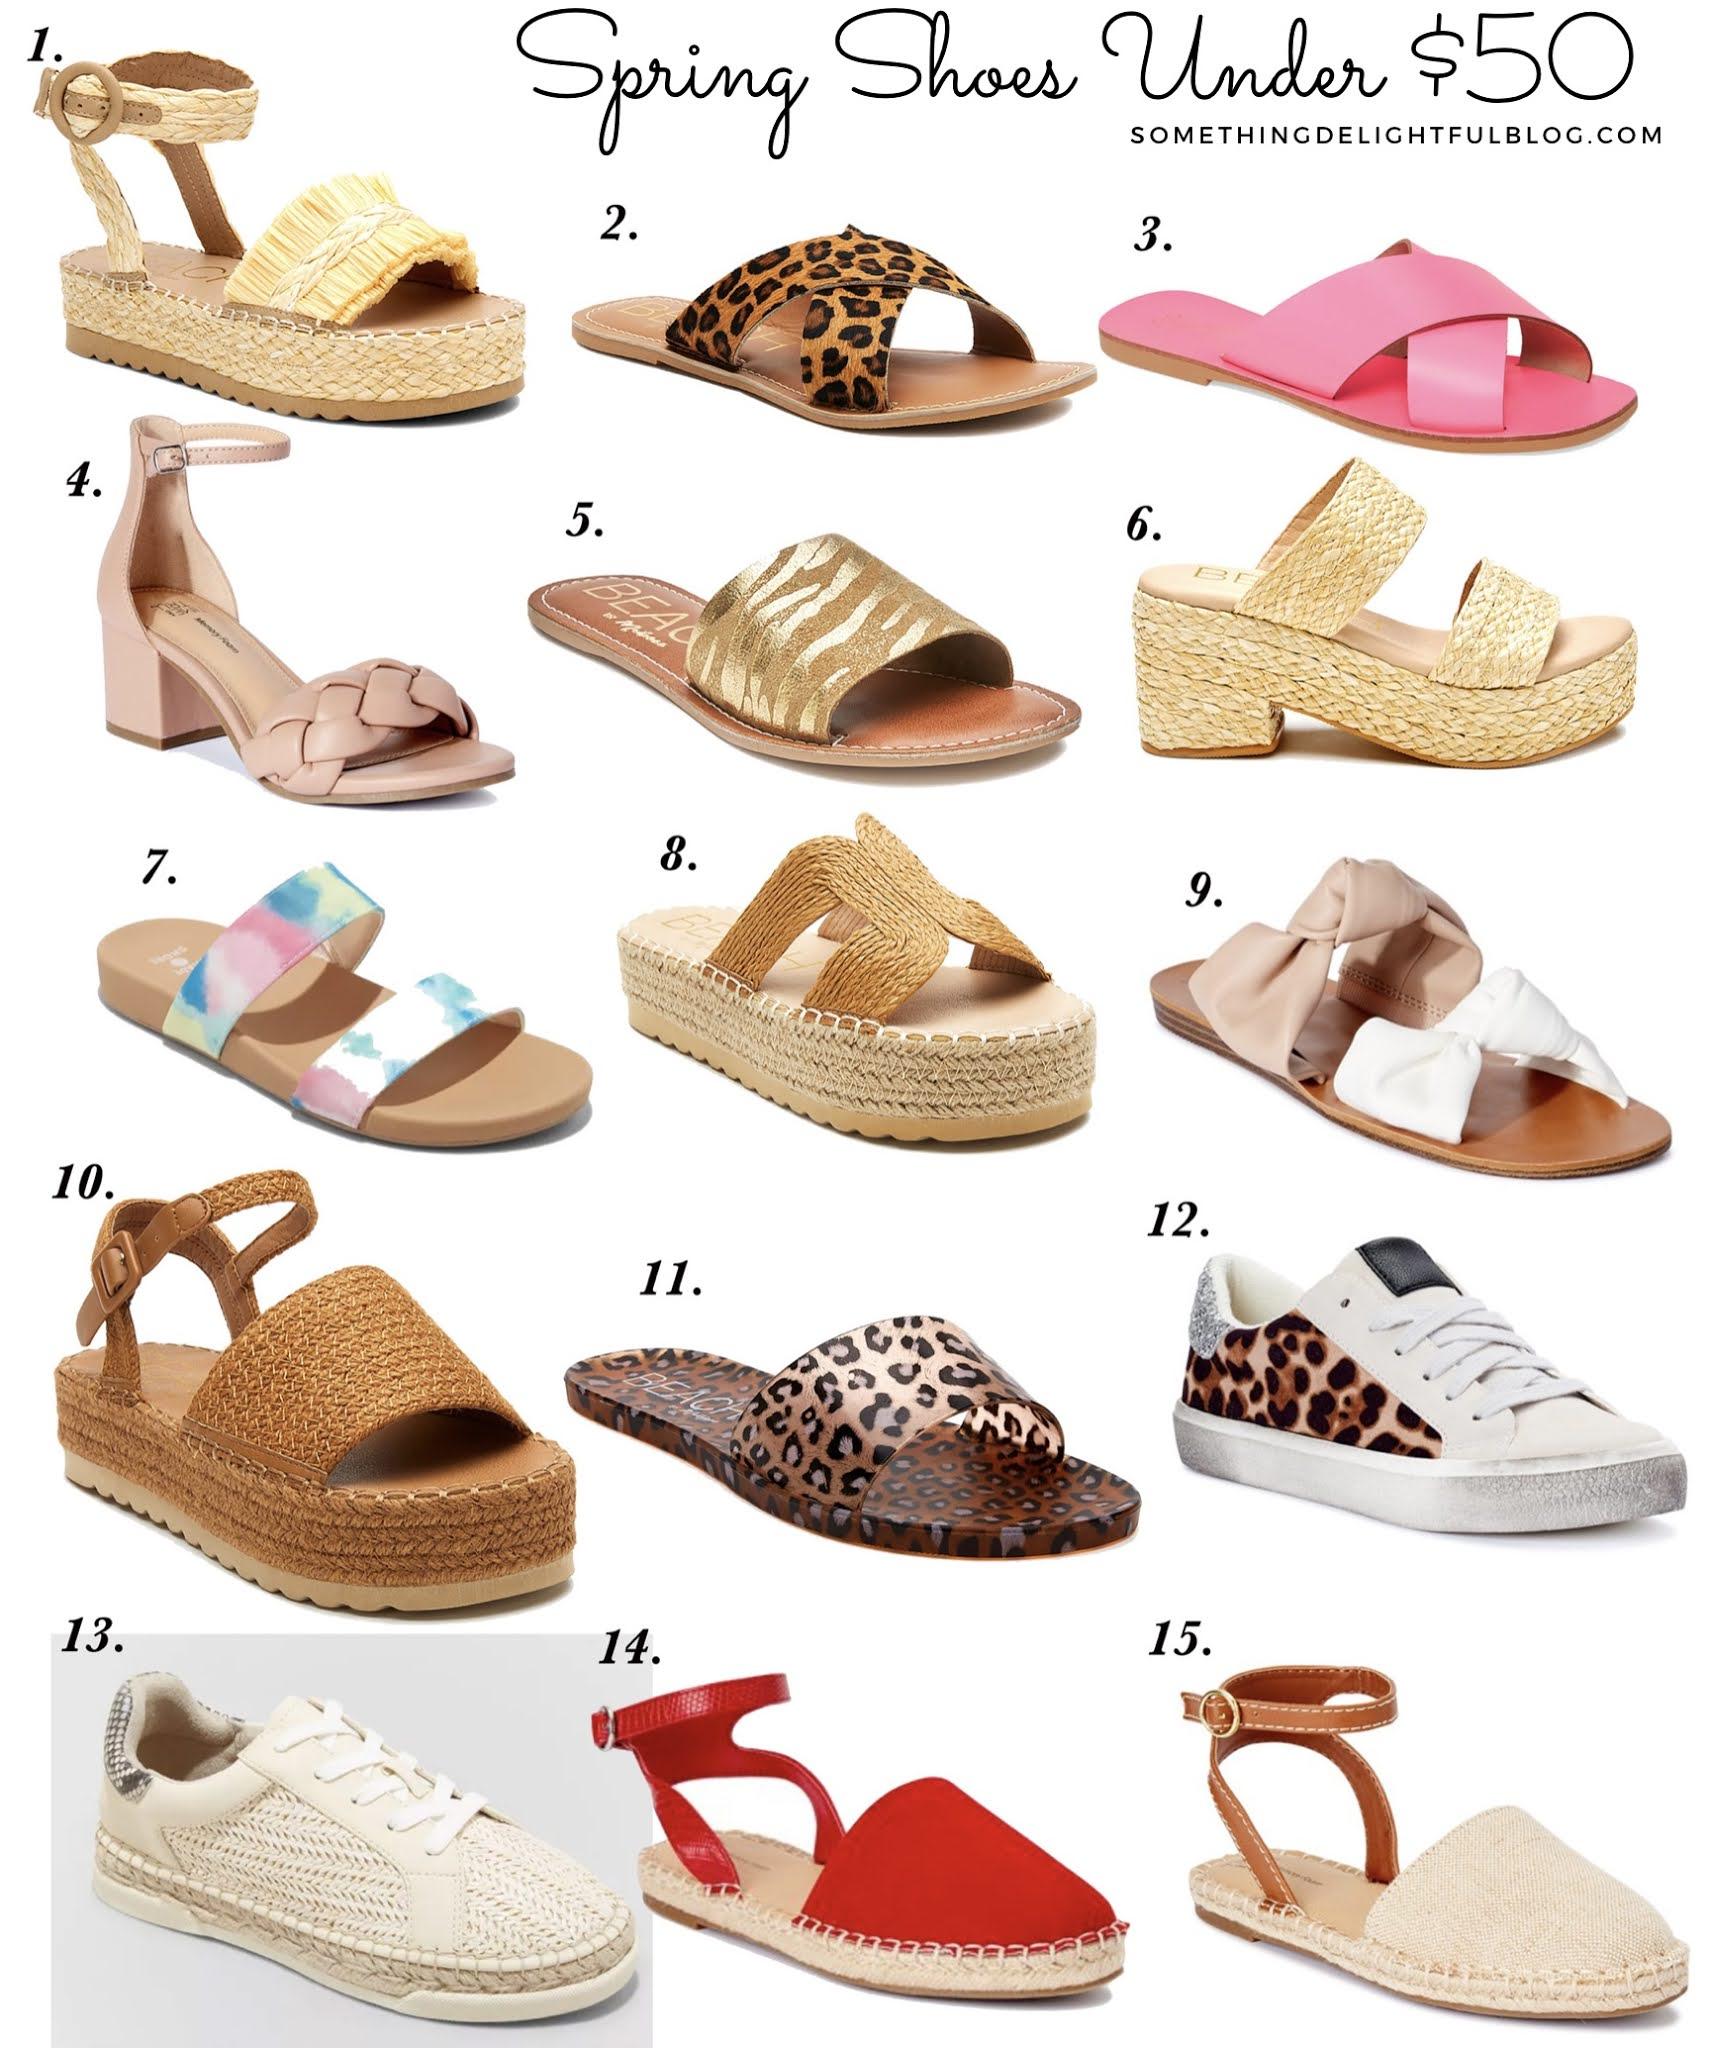 Adorable Spring 21 Shoes Under $50 - Something Delightful Blog #targetstyle #nordstrom #walmartfashion #affordablestyle